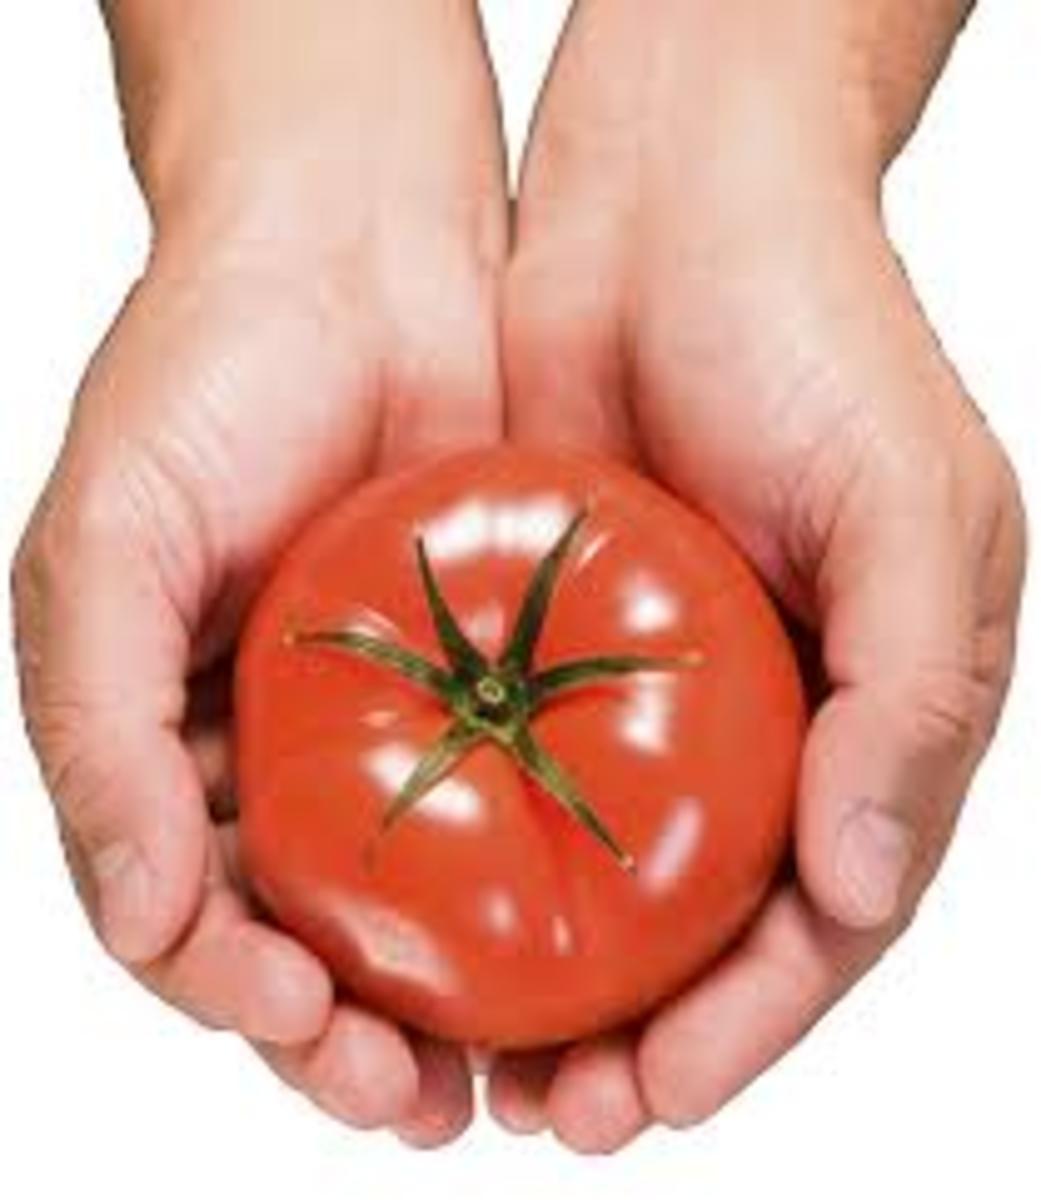 www.reynoldsburgtomatofestival.org  Tomato as an aphrodisiac.